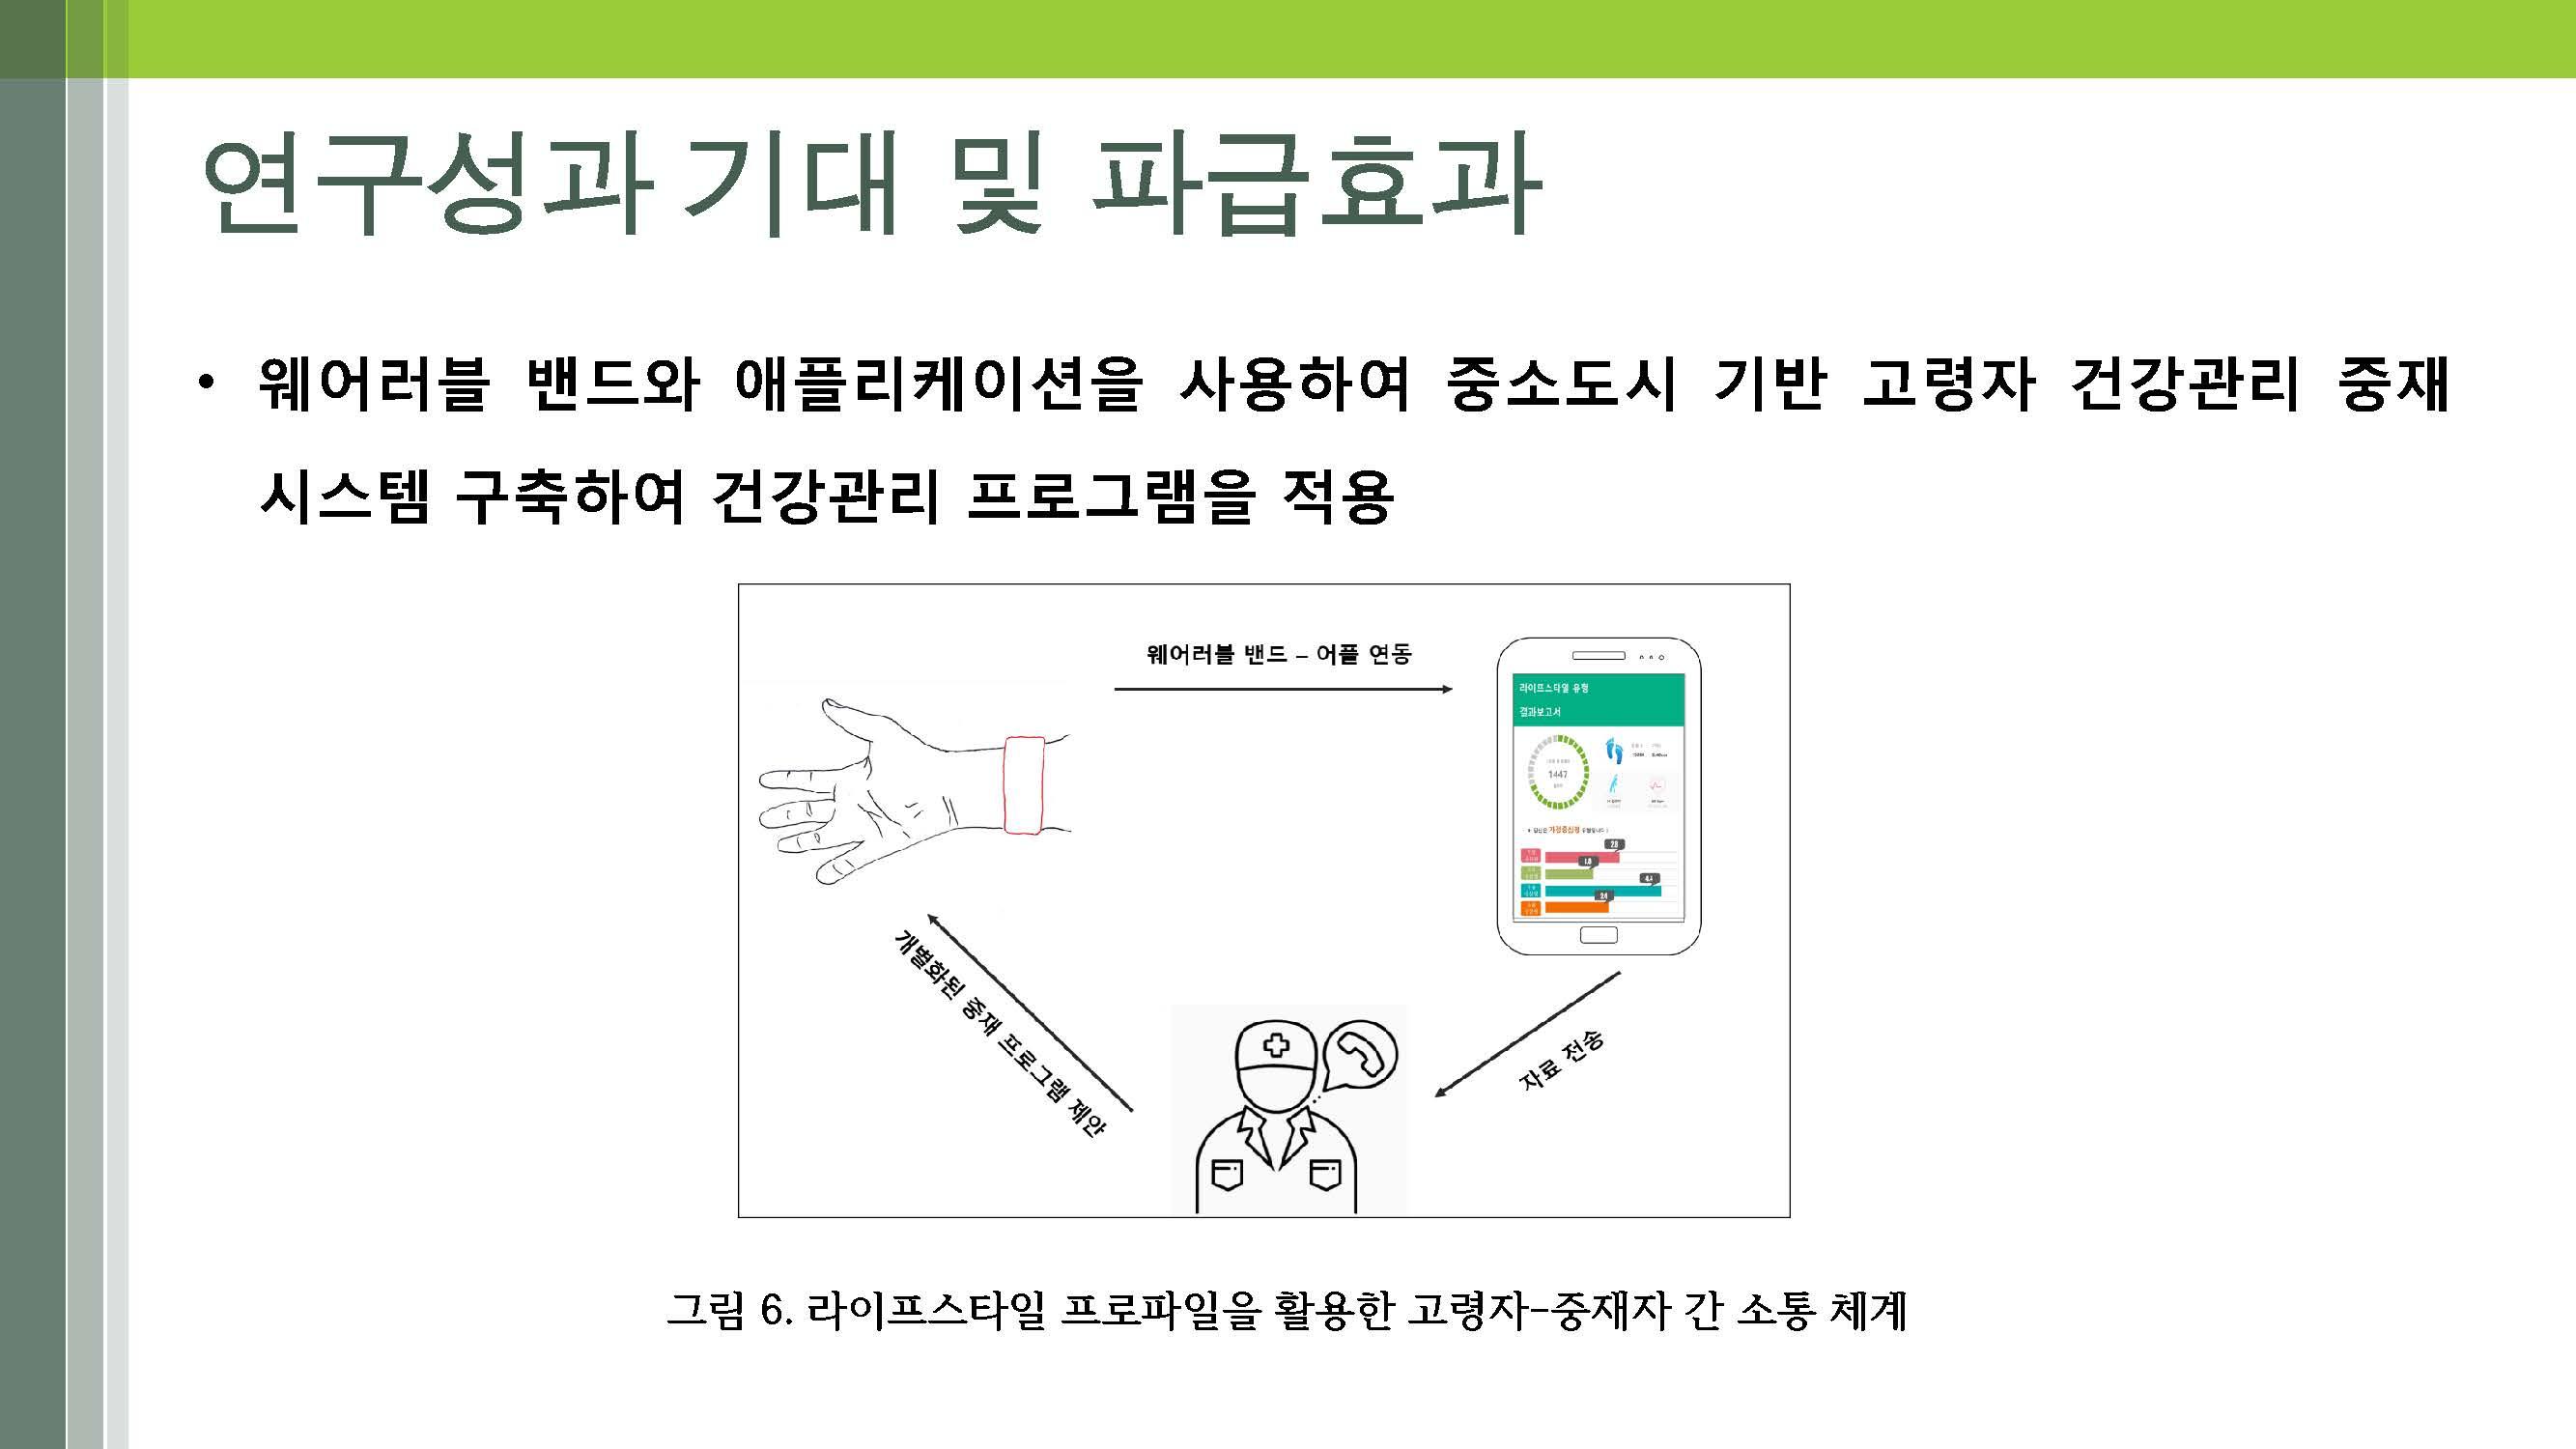 노인의 다면적 라이프스타일 개발(연세대-박지혁) (최종)_페이지_19